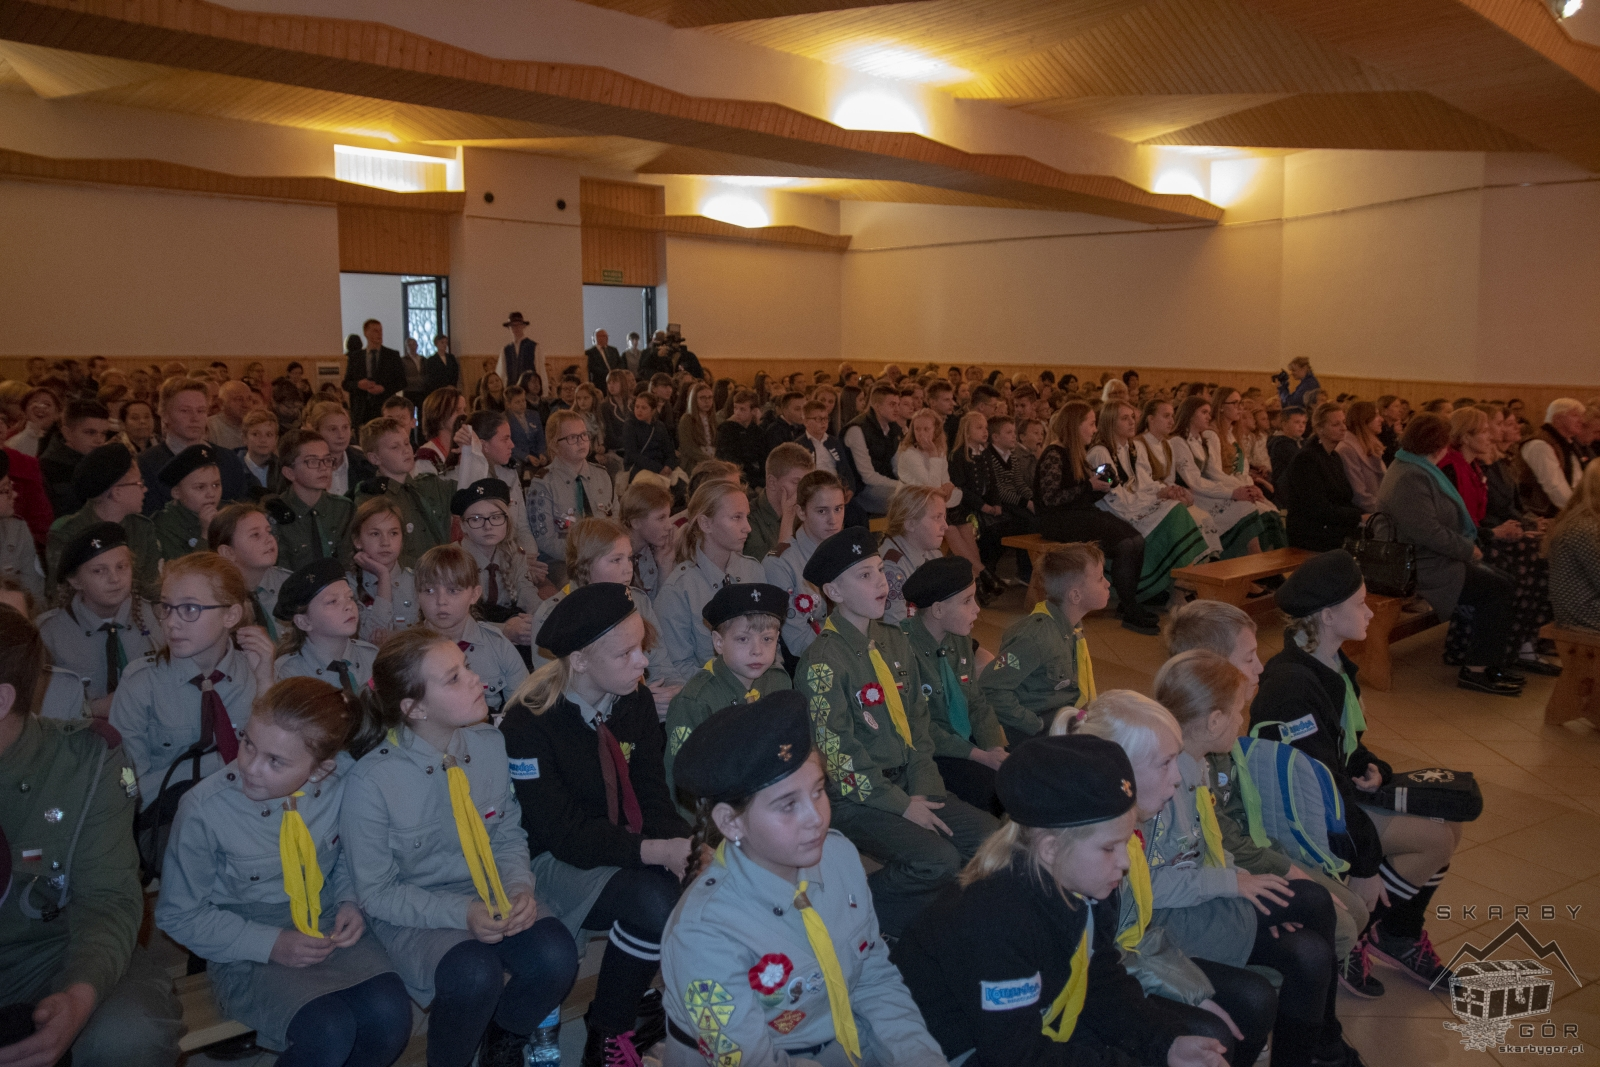 Obchody 100-lecia niepodległości w Bukowinie Tatrzańskiej - Akademia